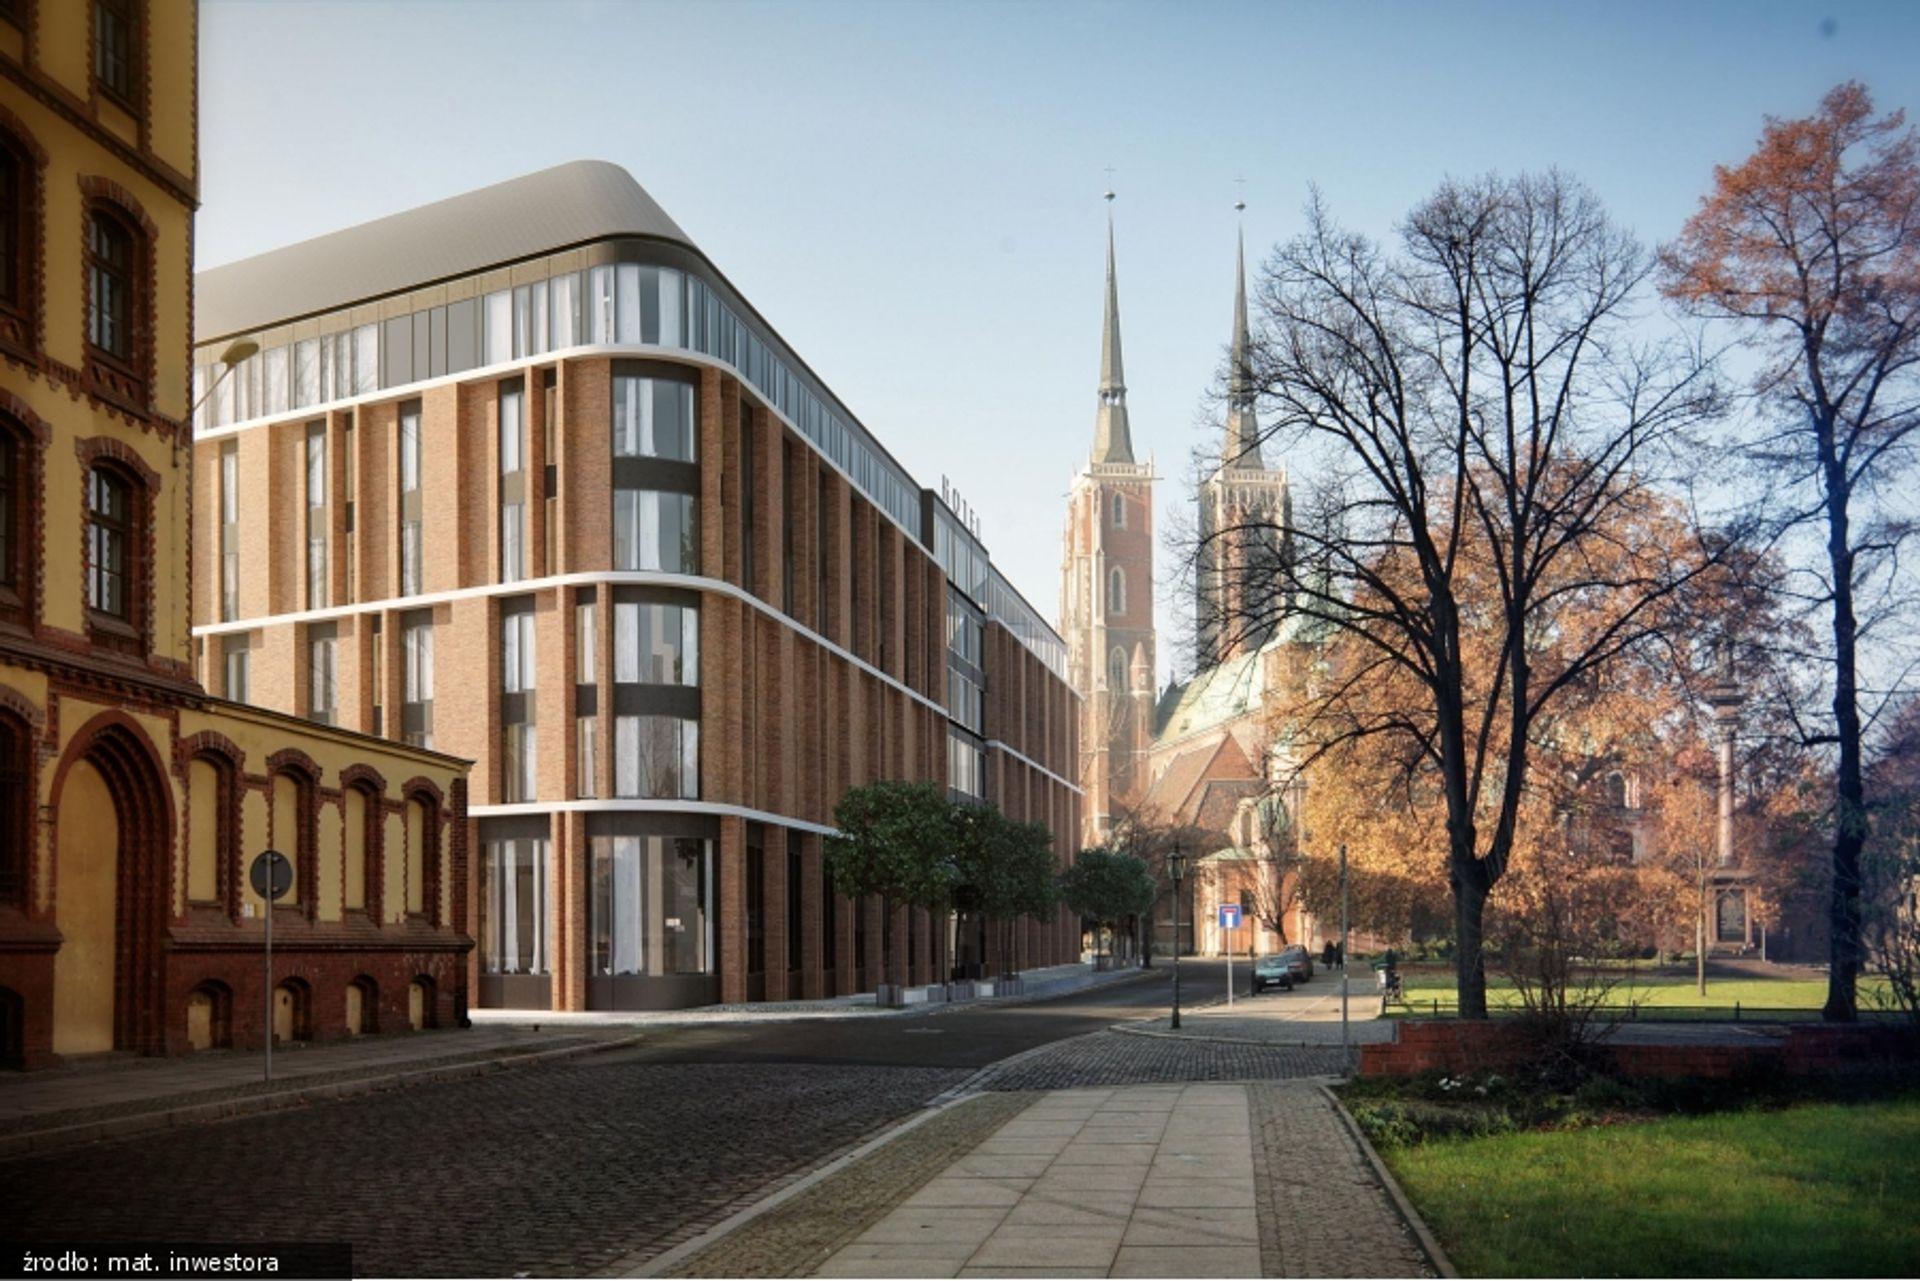 [Wrocław] Strabag generalnym wykonawcą nowego hotelu przy Placu Katedralnym